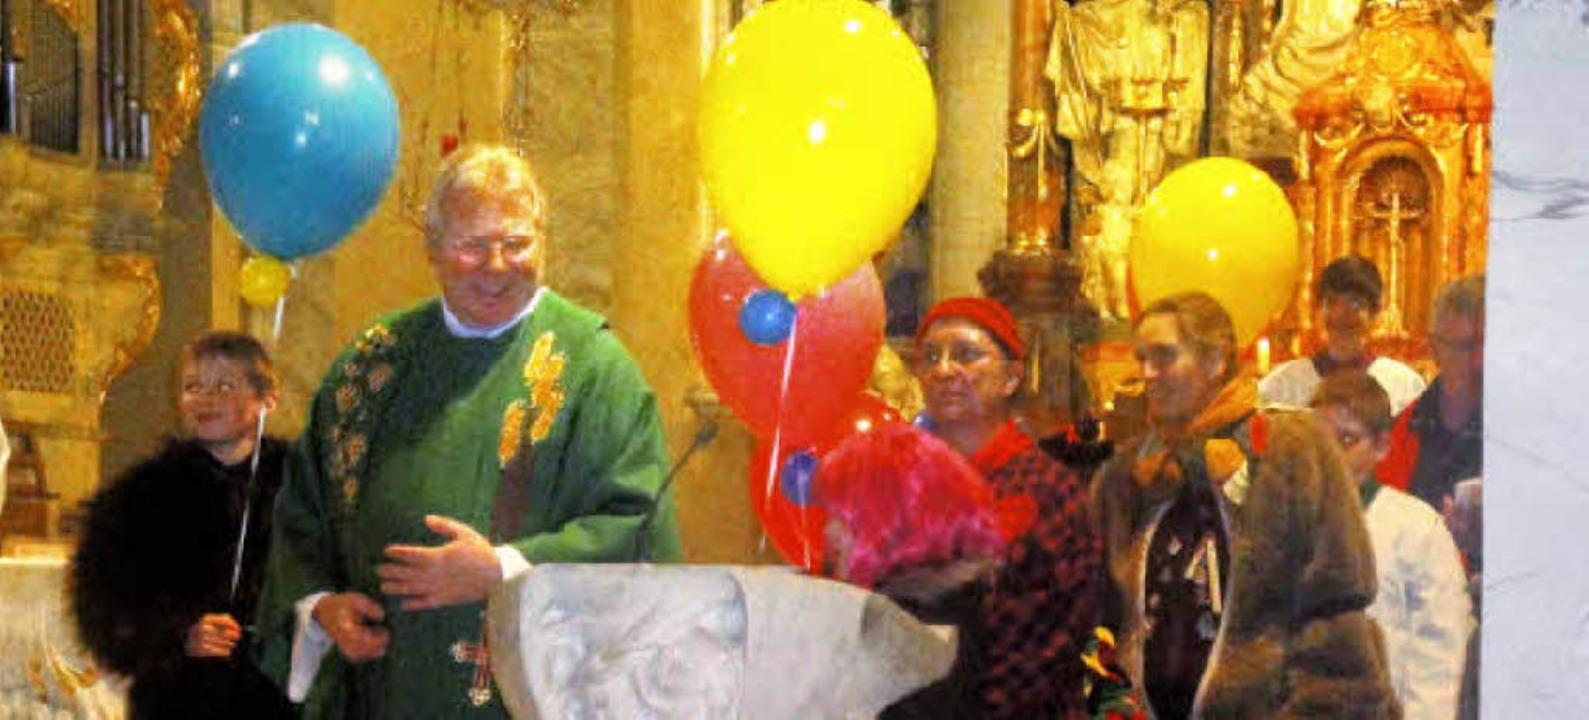 Große bunte Luftballons spielten eine ...tesdienst in der Sankt-Martins-Kirche.    Foto: hansjörg bader